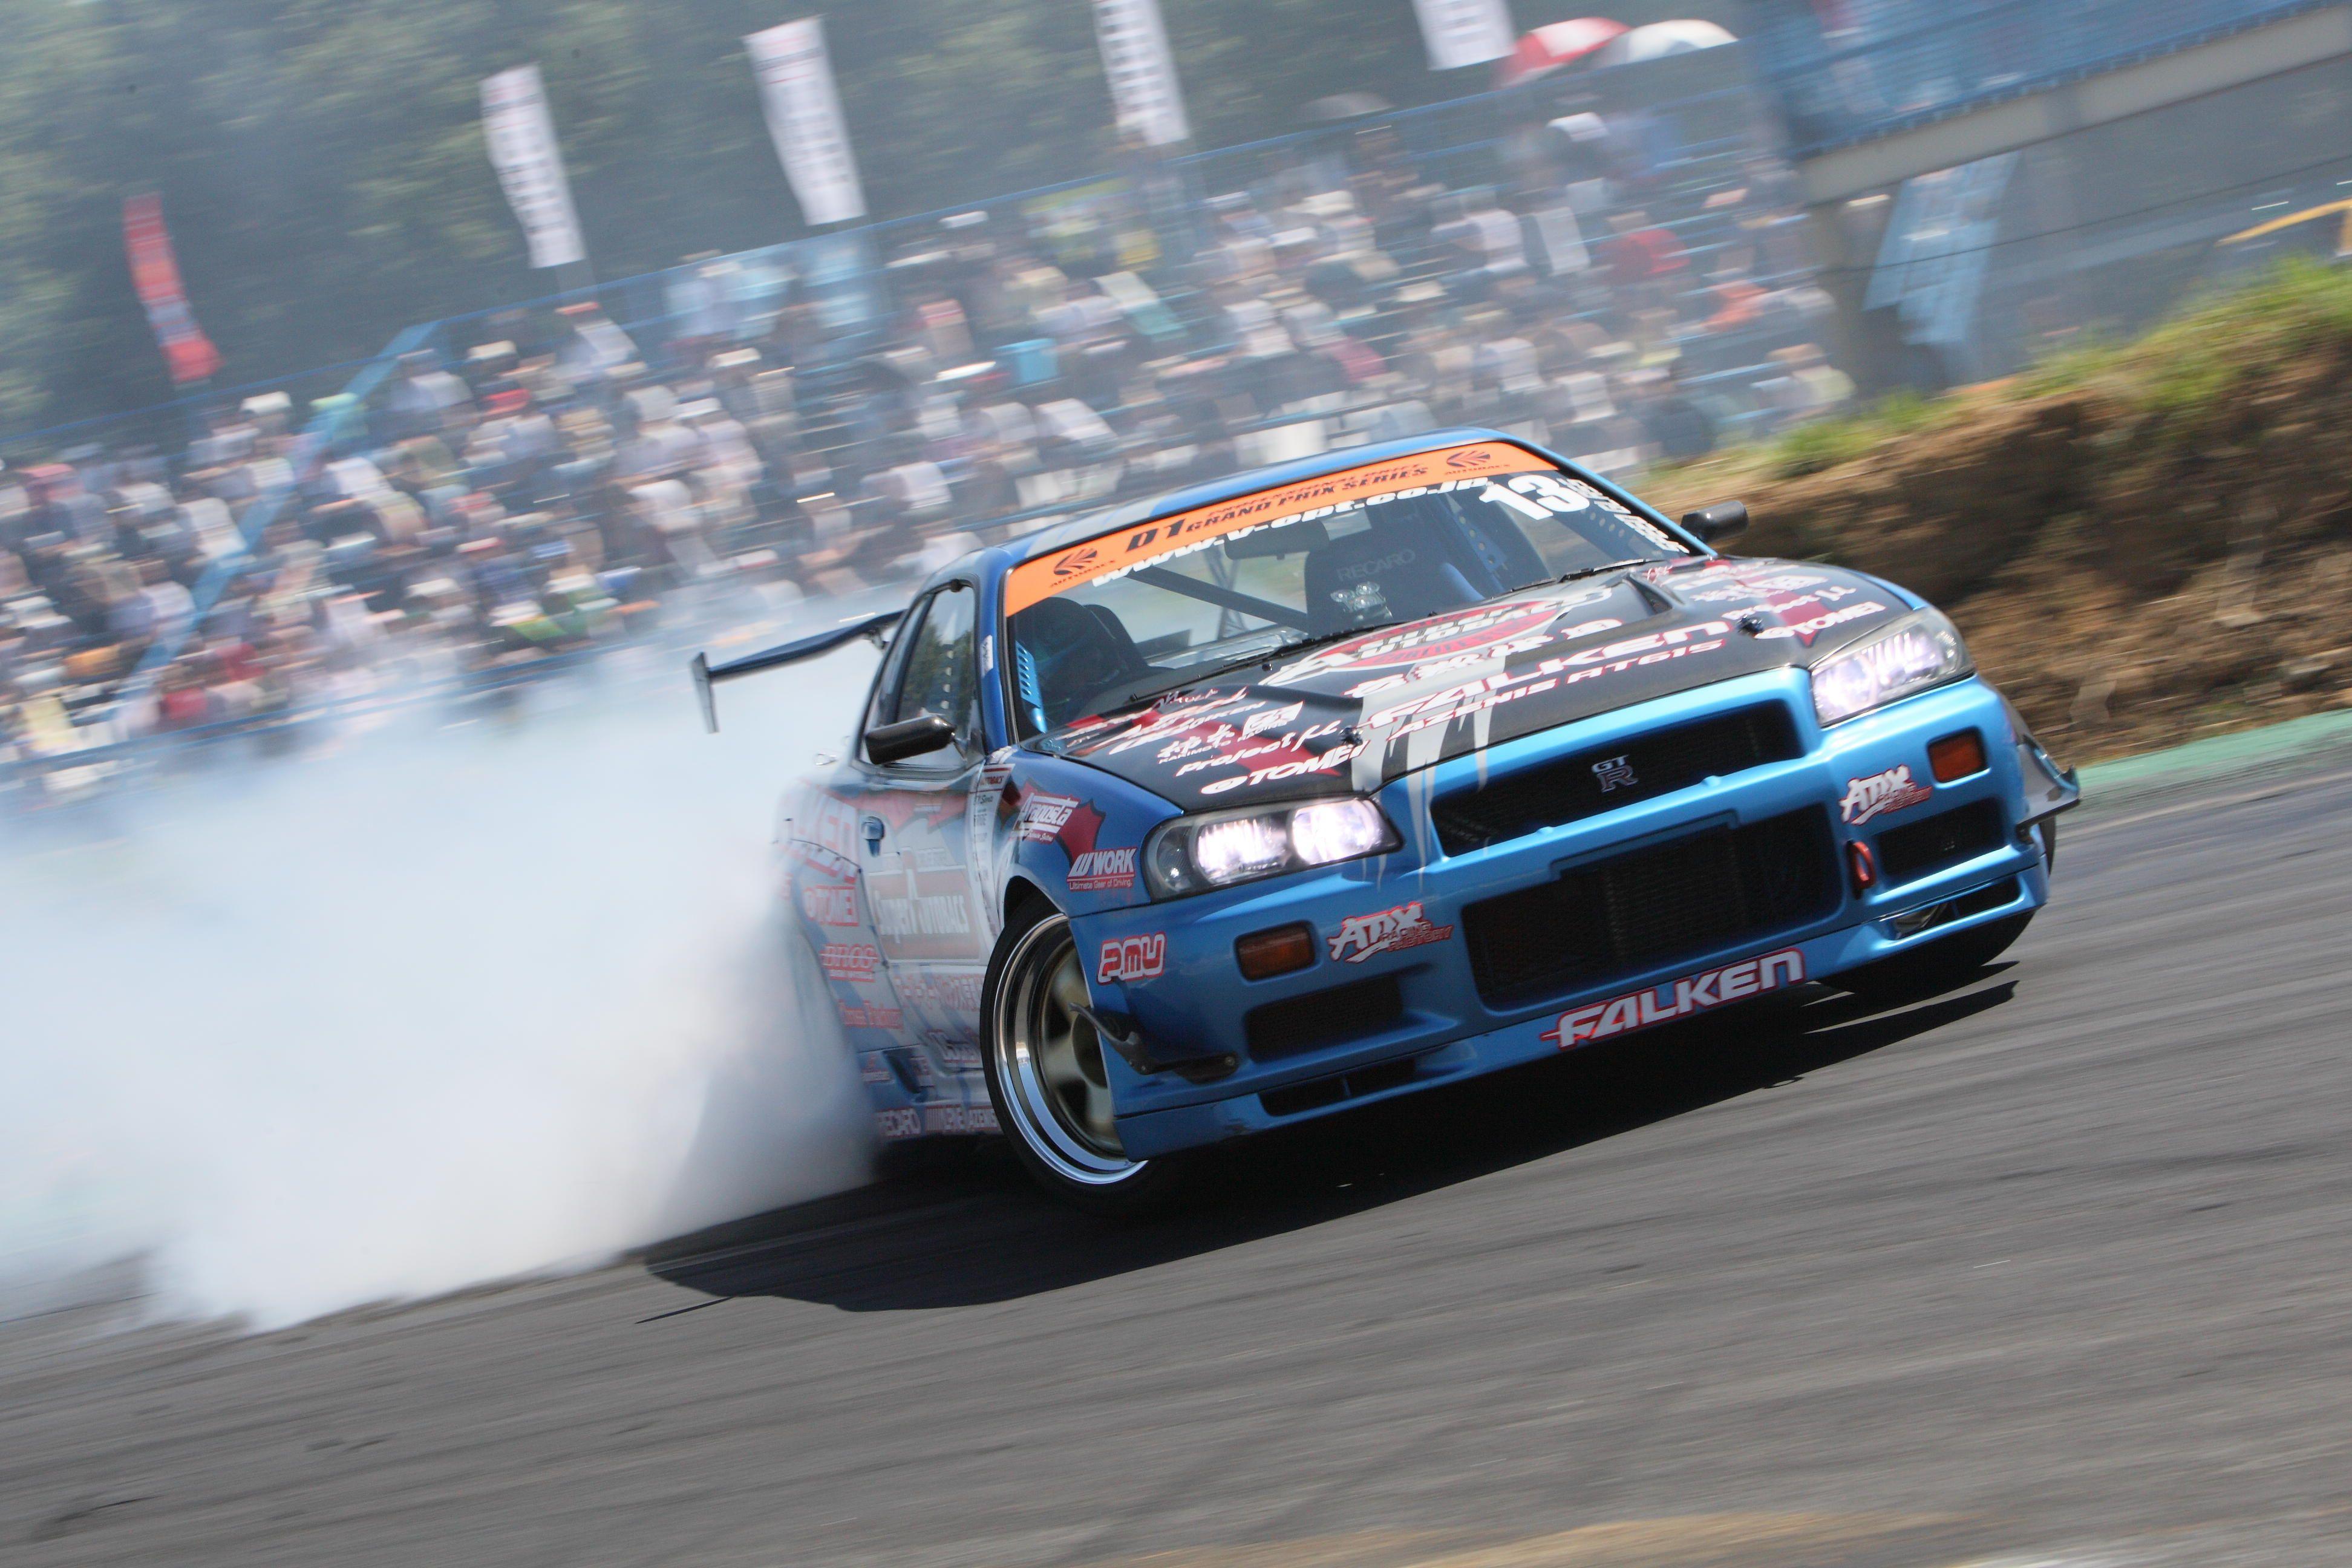 Cars drift nissan nissan skyline gtr r34 3888x2592 wallpaper